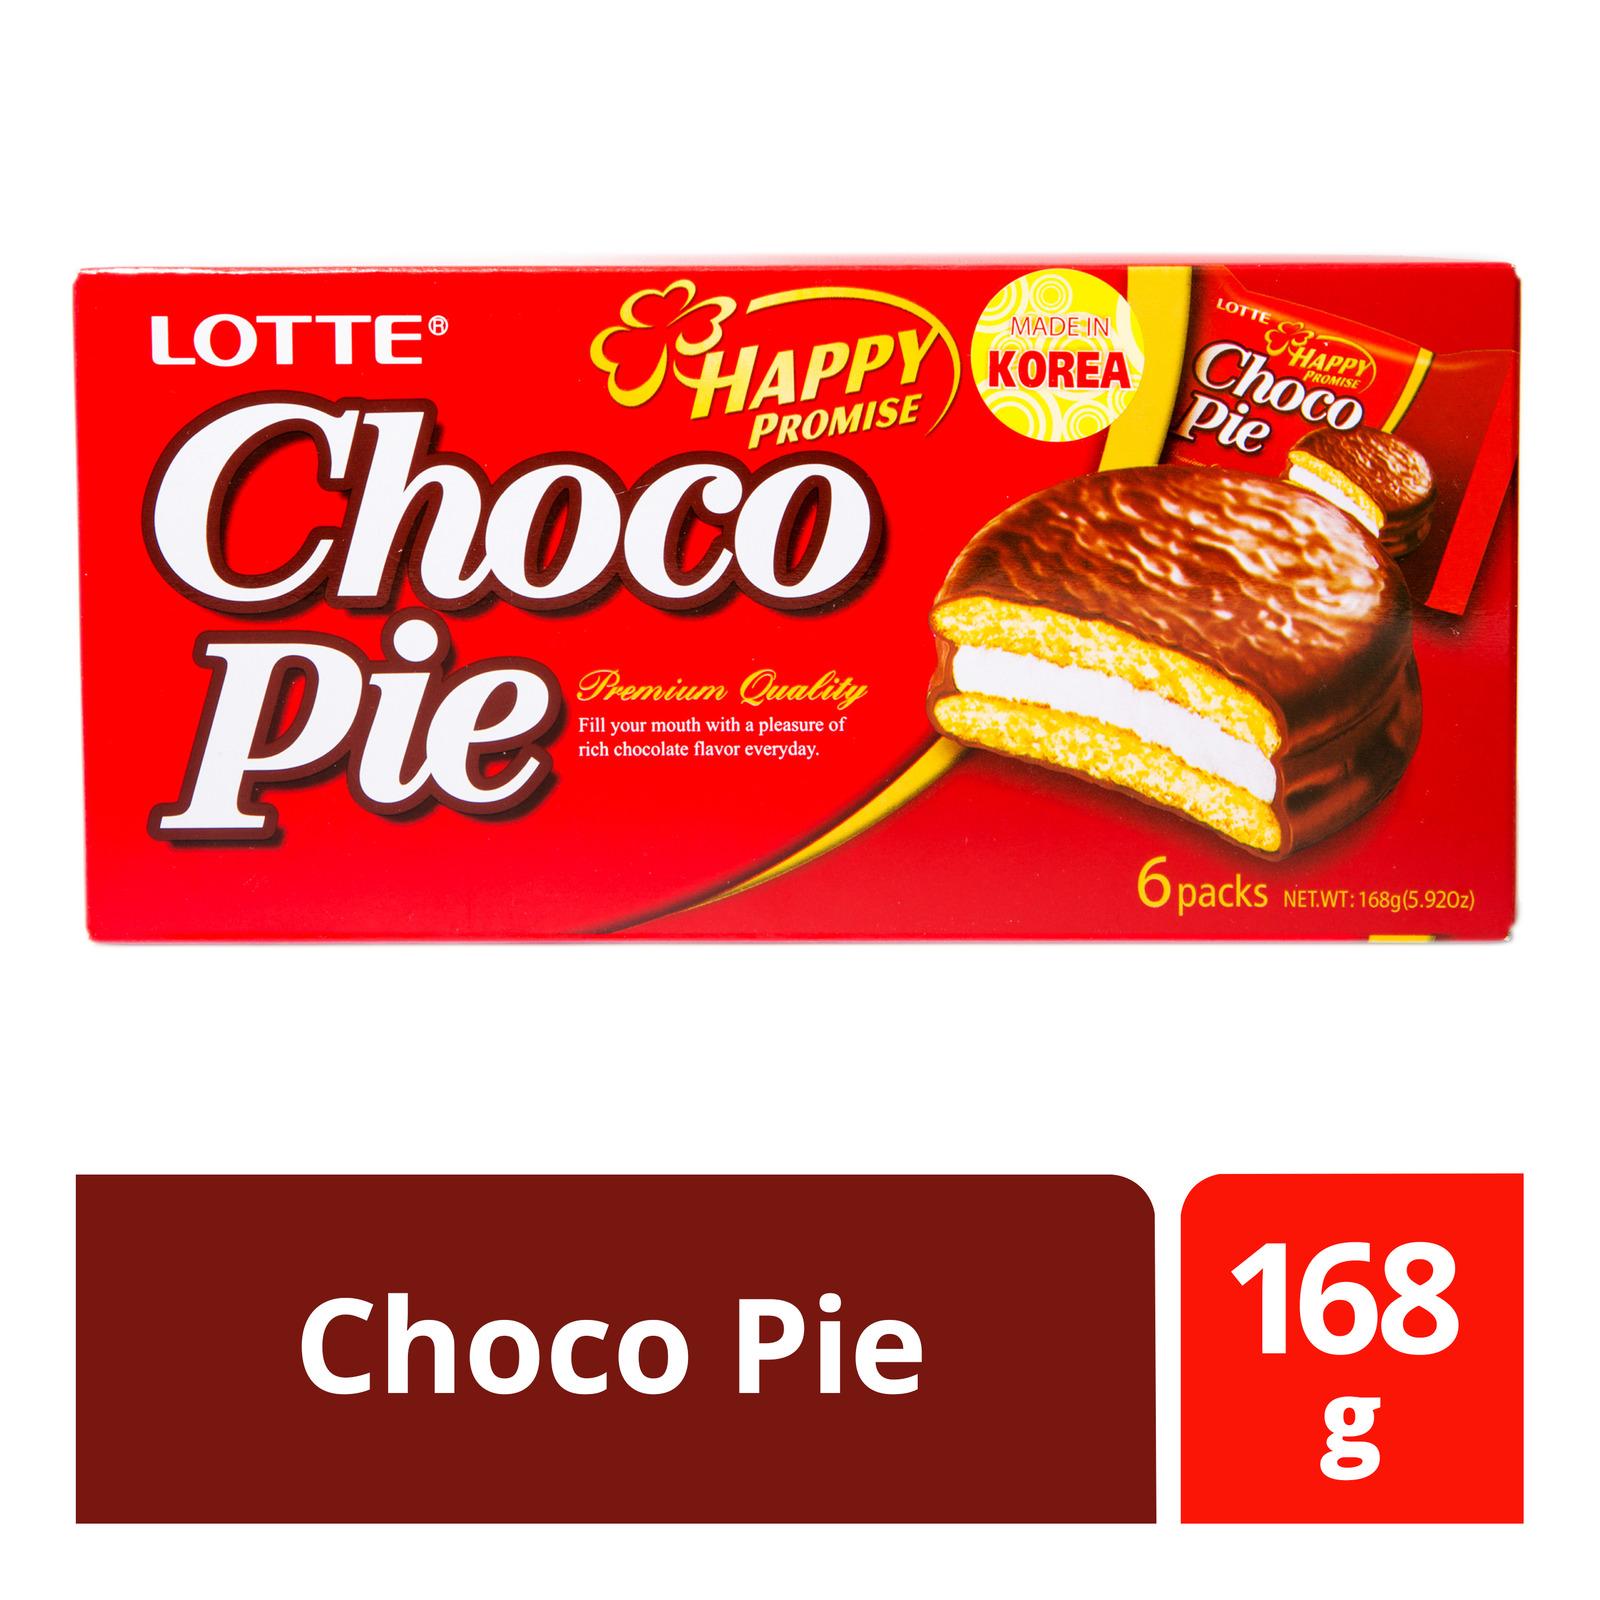 Lotte Happy Promise Choco Pie